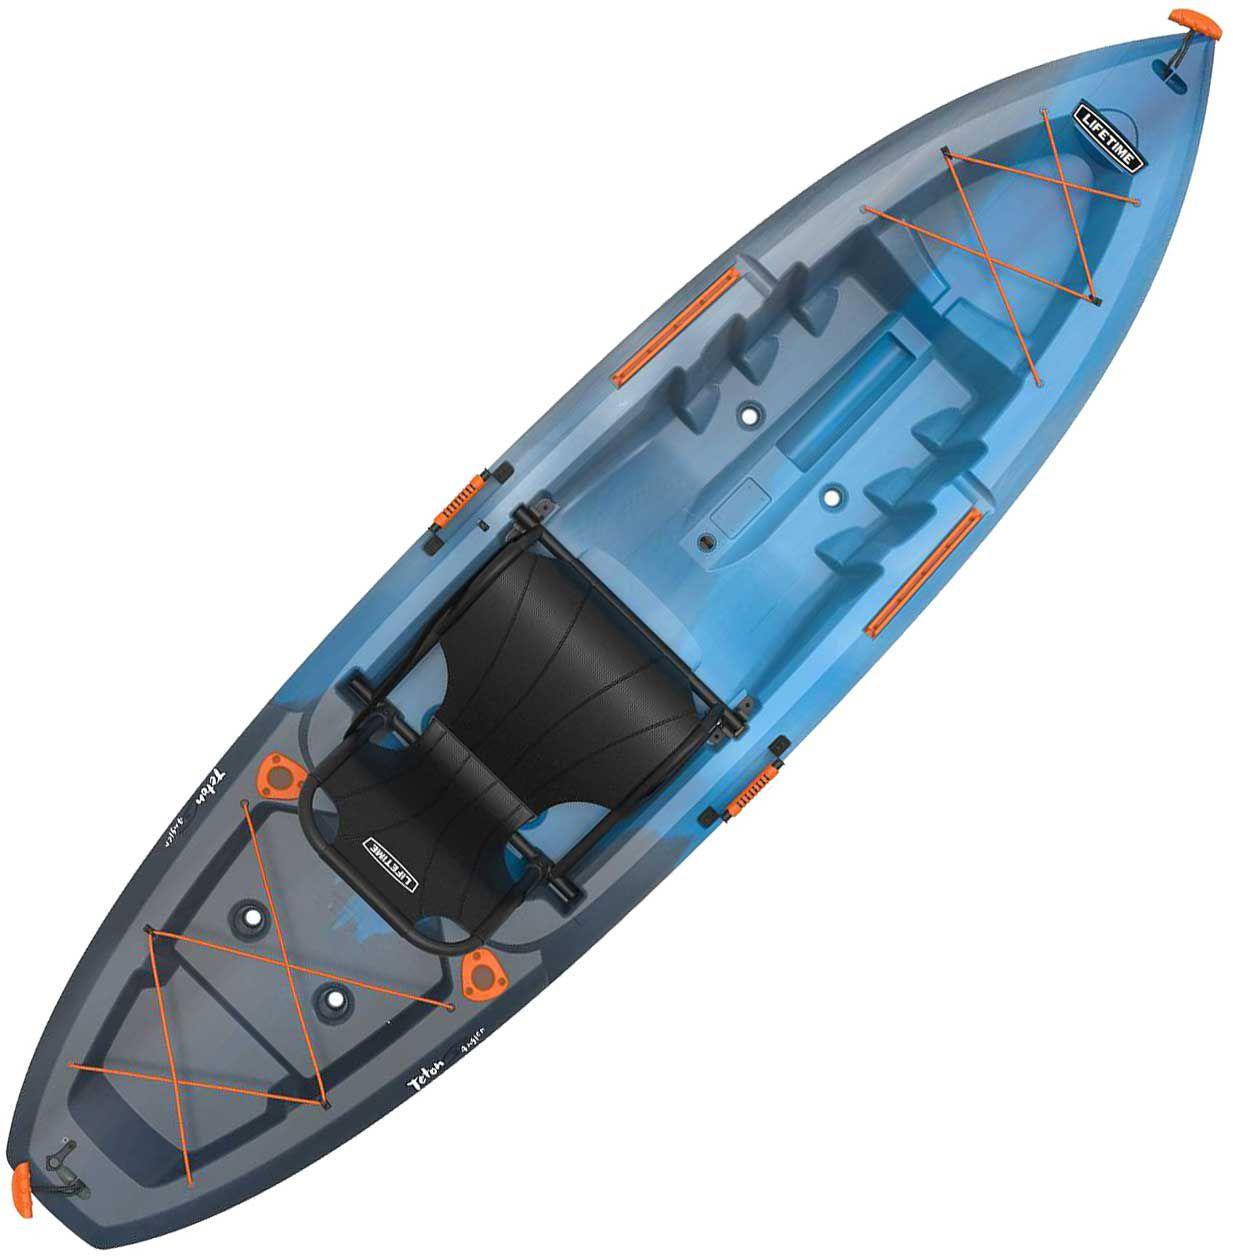 Lifetime Teton Angler Fishing Kayak (Full size seat) $280 + 10% cashback Free pickup Dicks sporting goods.